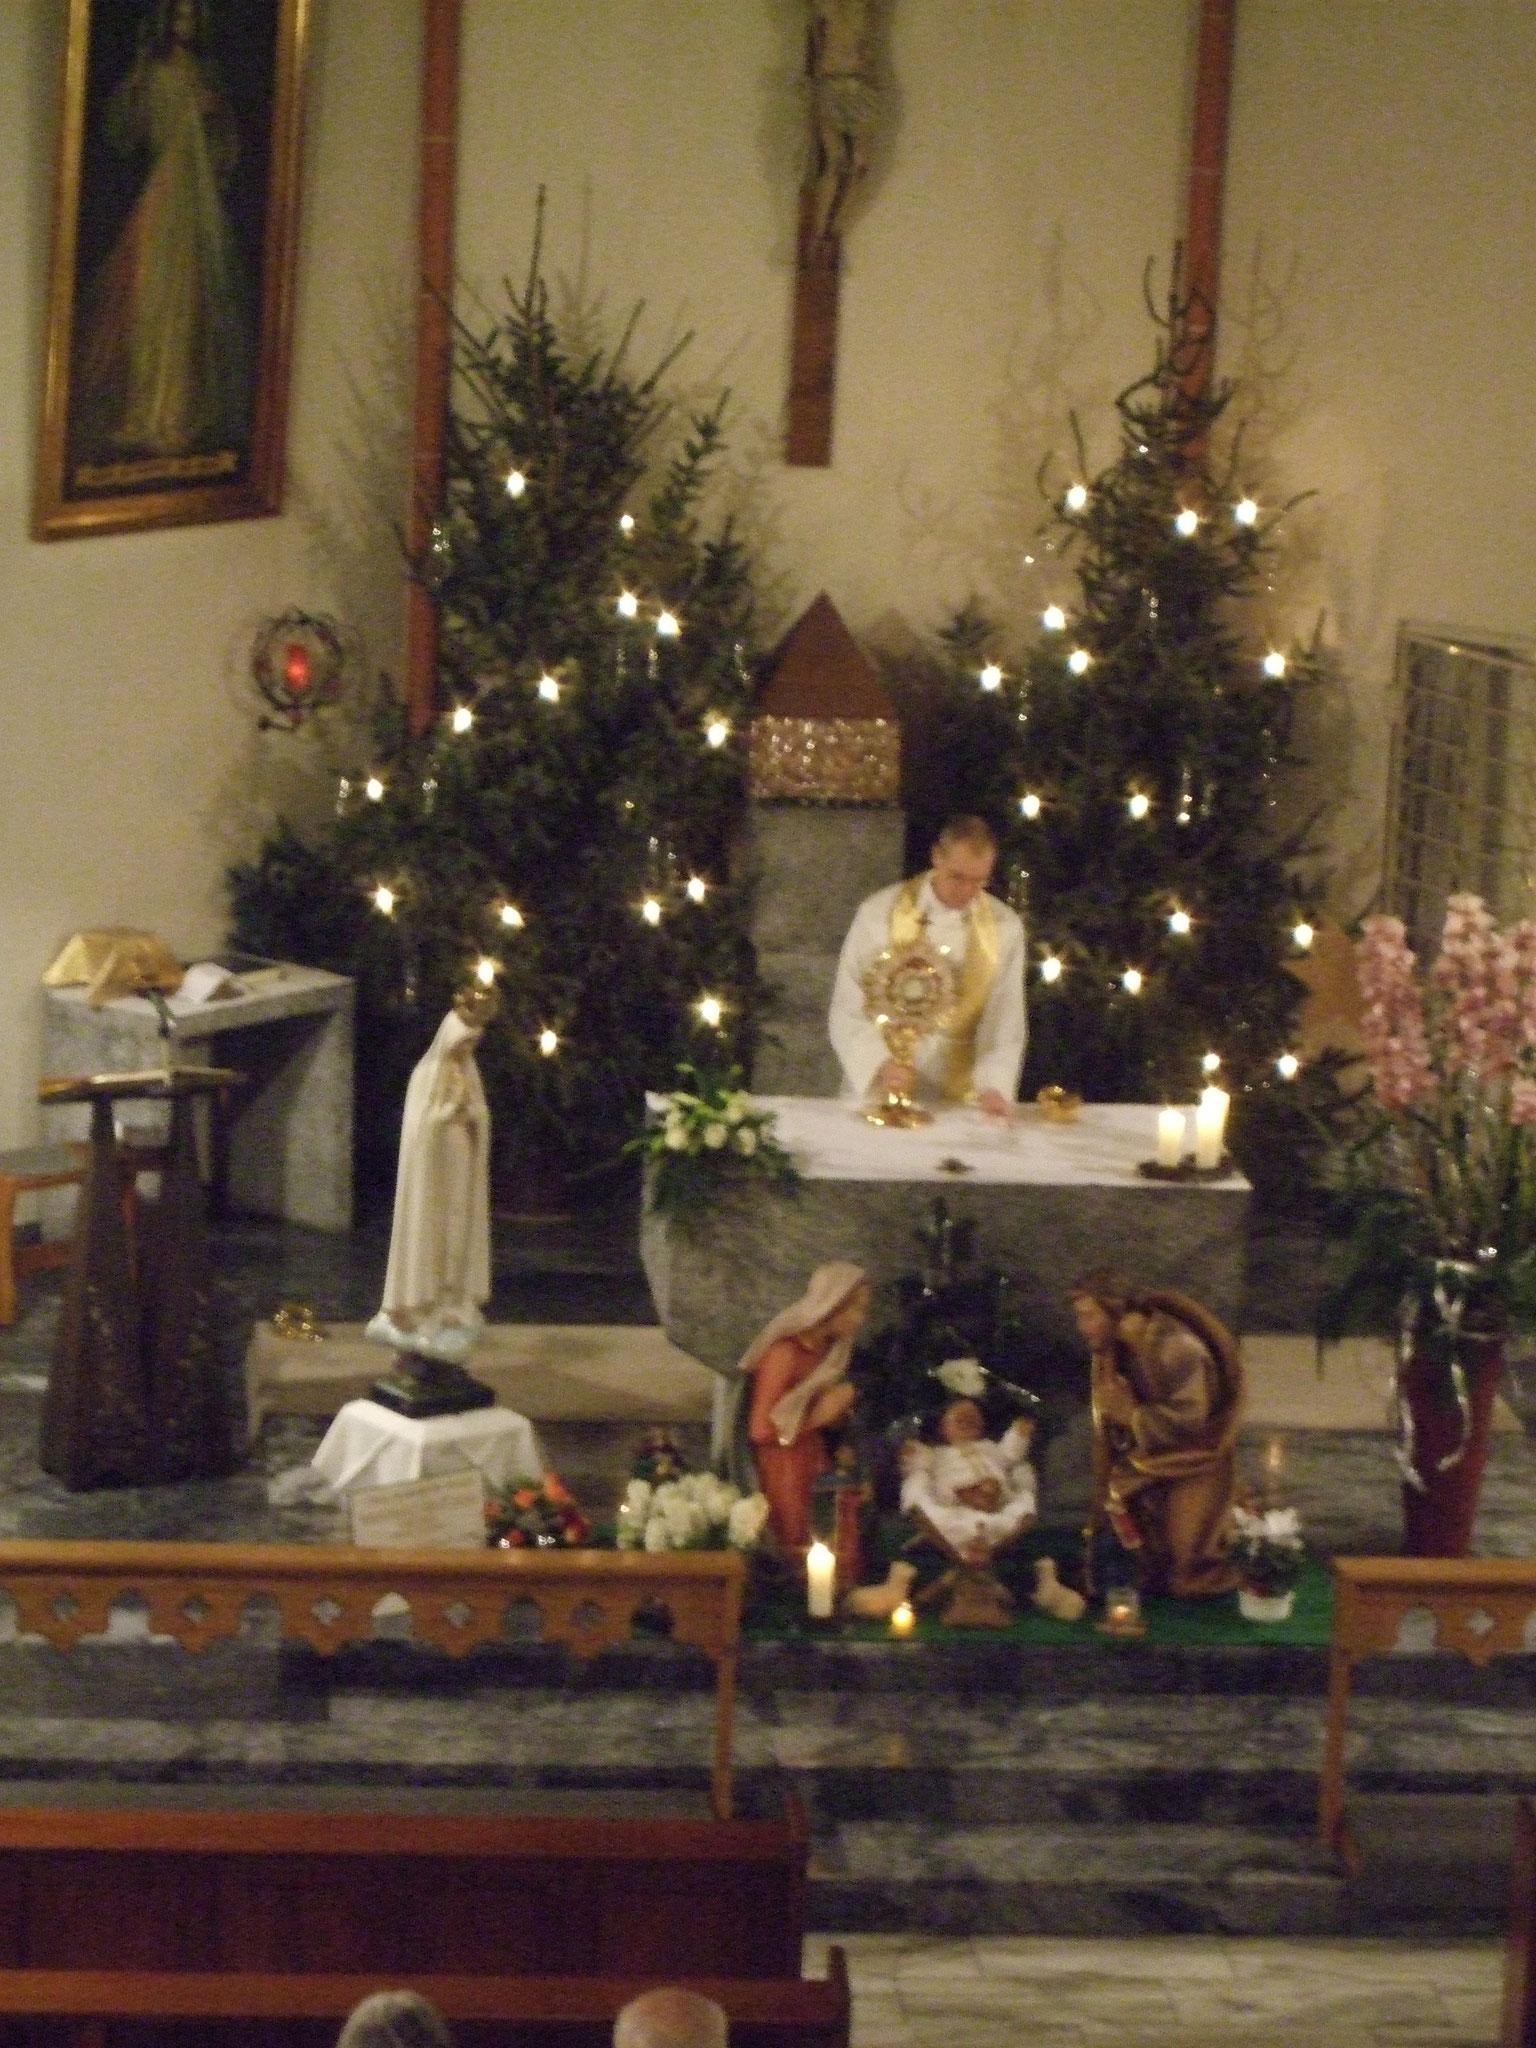 Anbetung beim Zönakel zur Weihnachtszeit